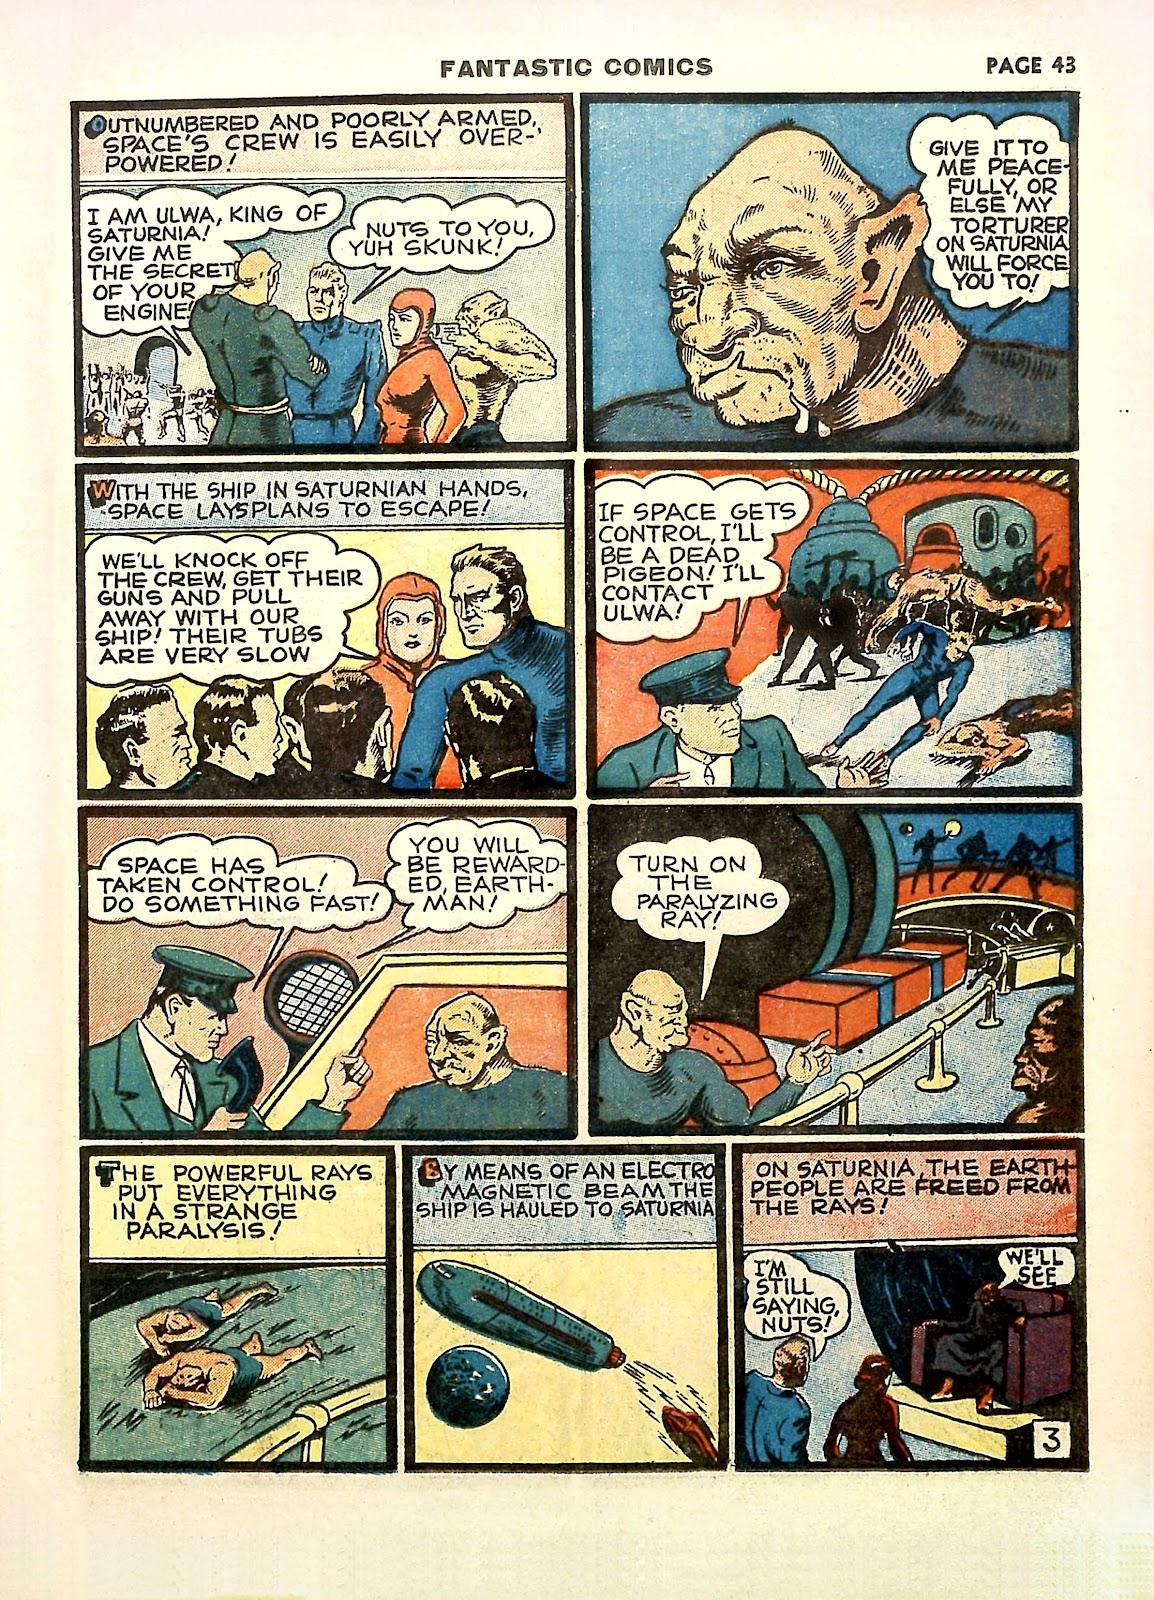 Read online Fantastic Comics comic -  Issue #11 - 46